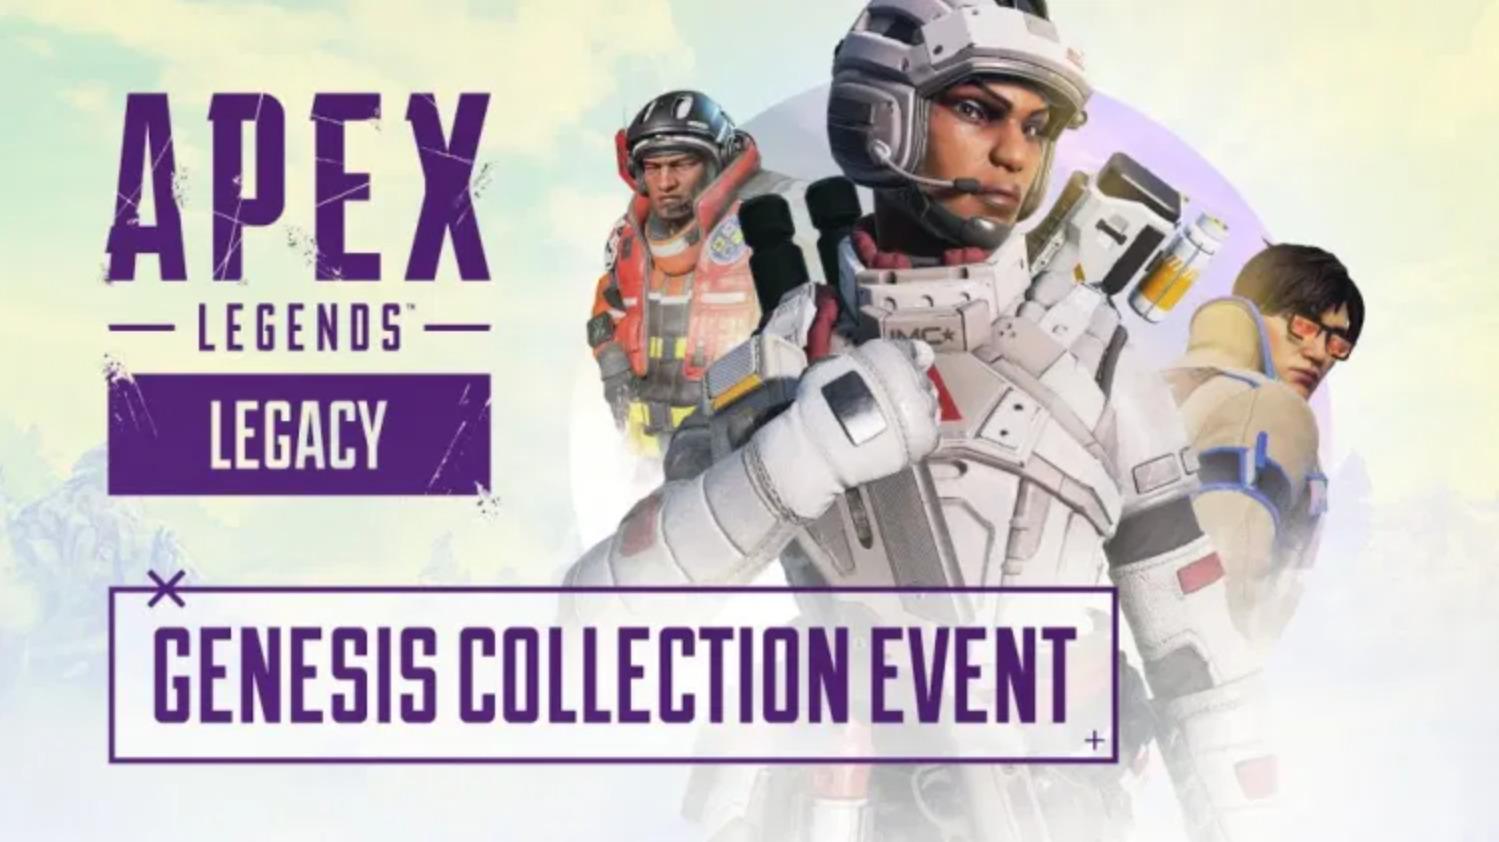 【Apex Legends】イベント(ジェネシスコレクション)はいつまで?【エーペックスレジェンズ】